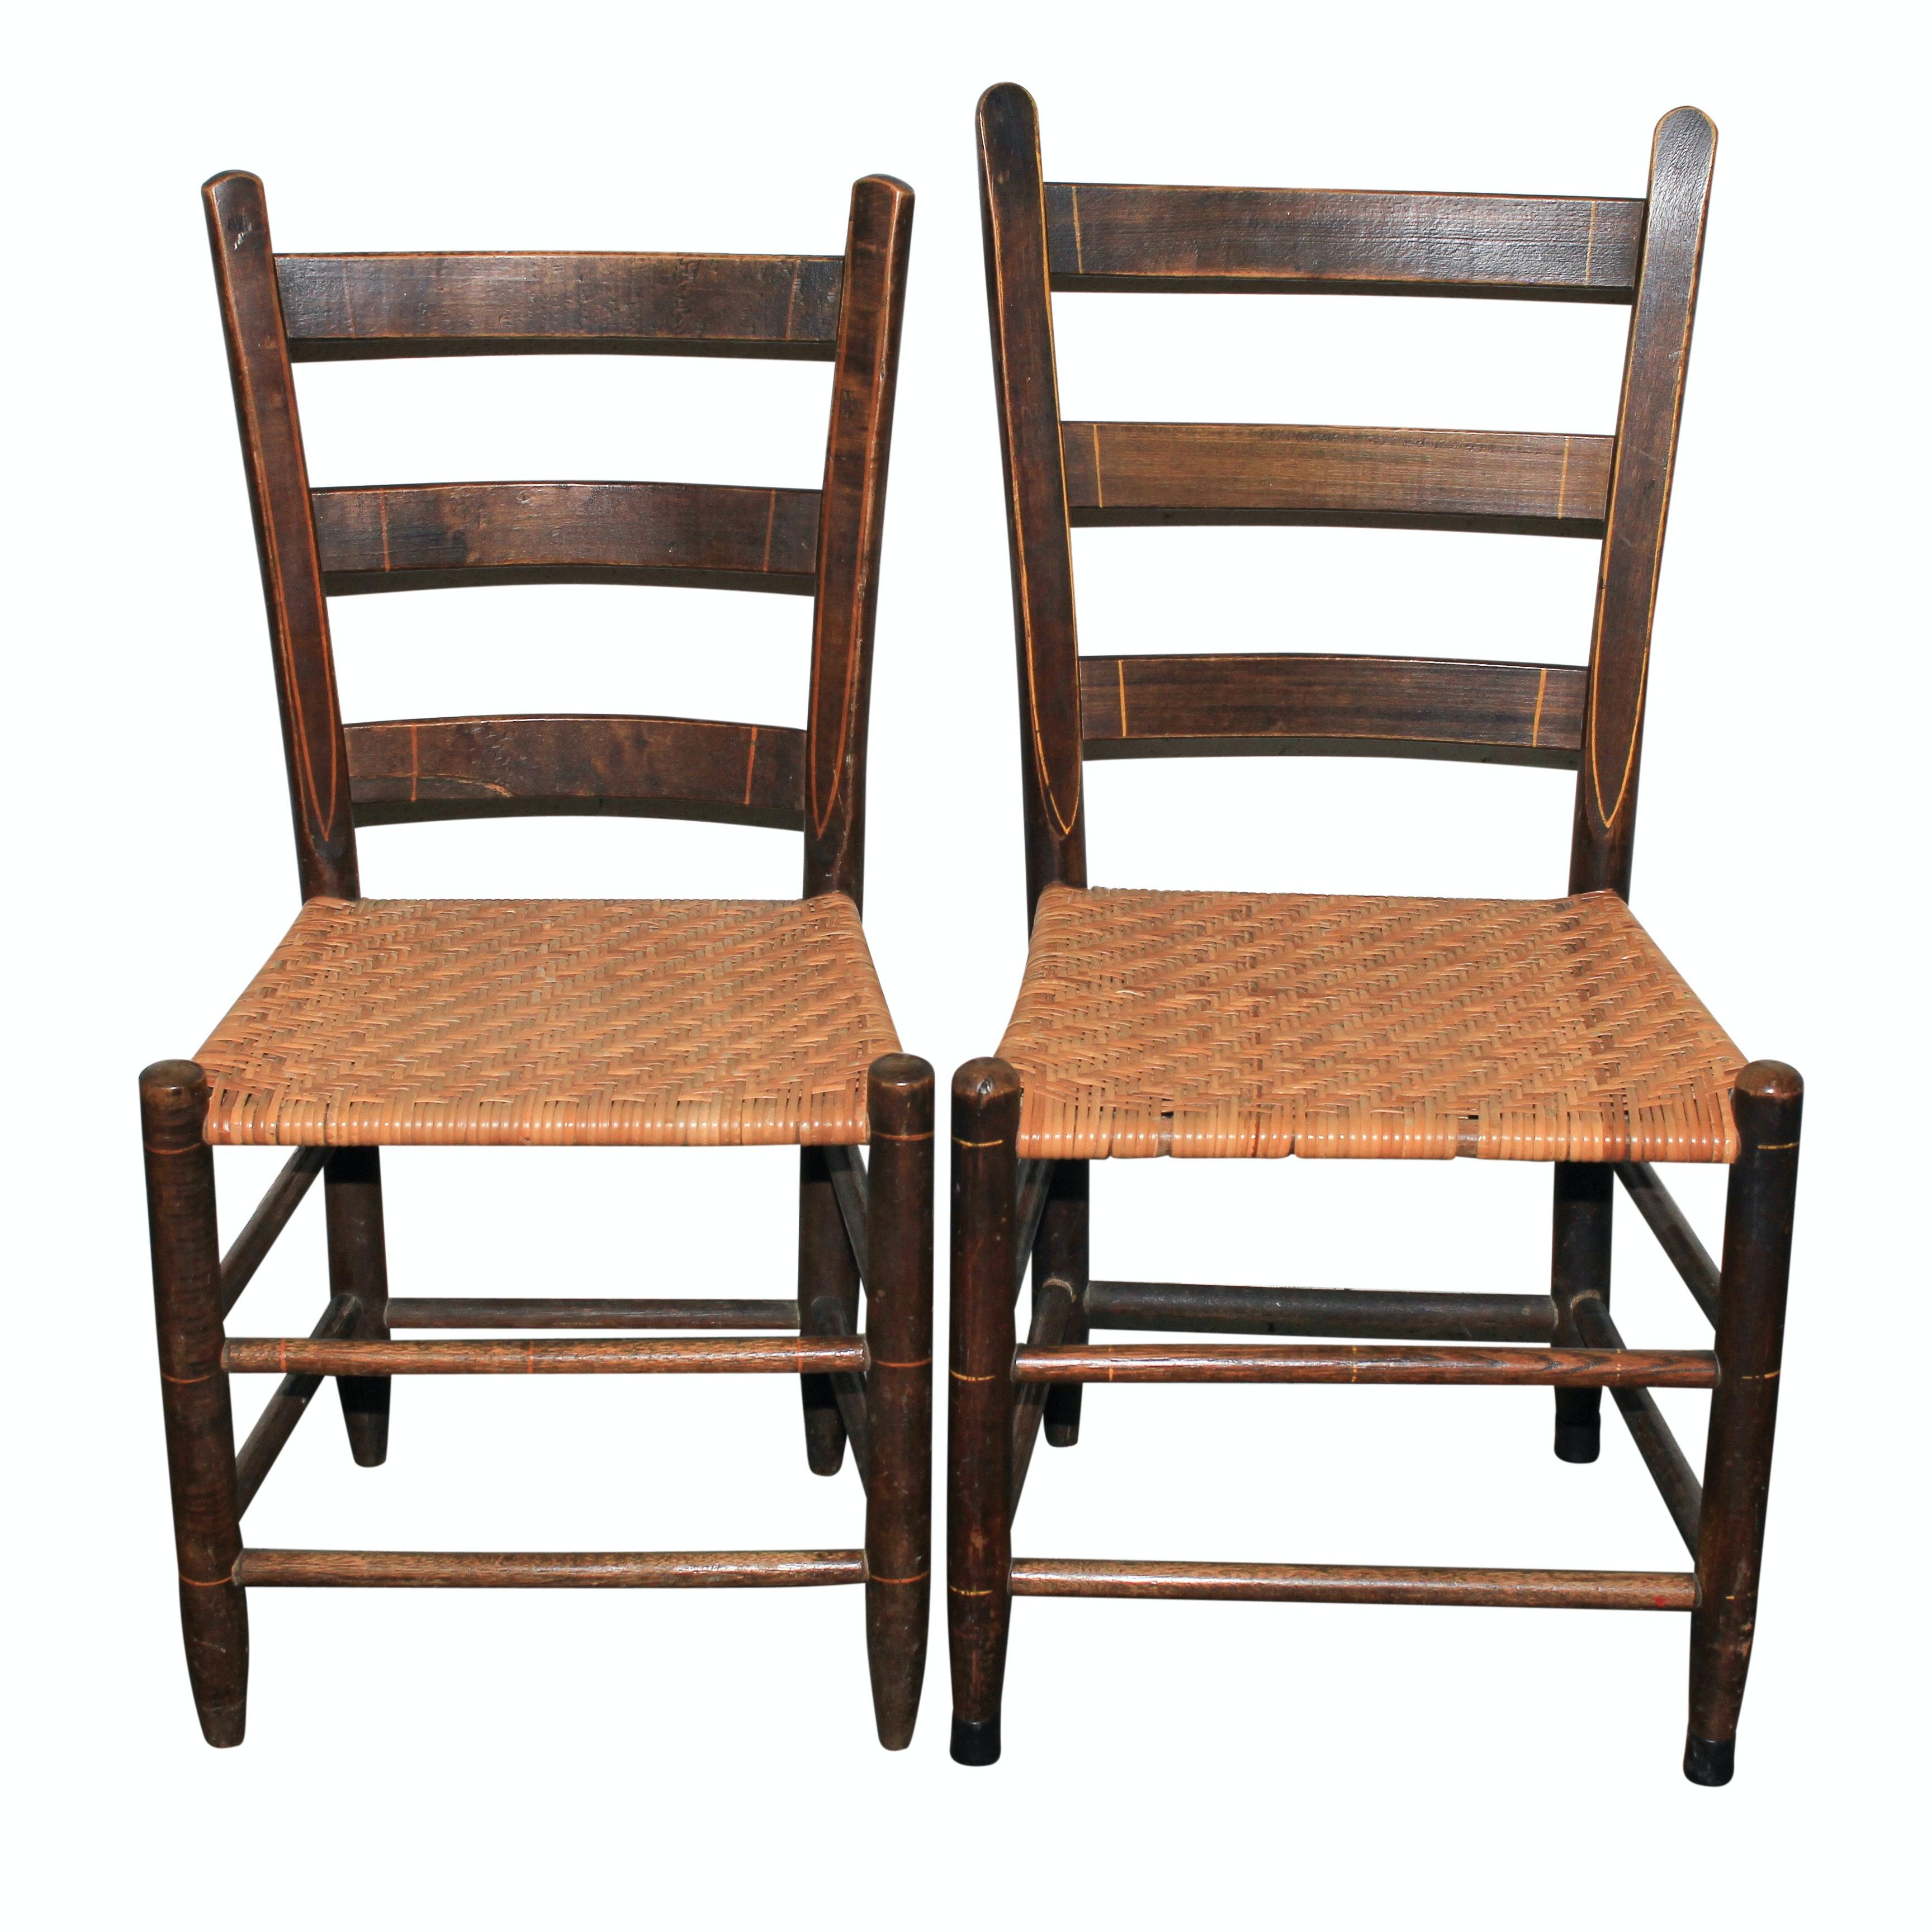 Vintage Ladder Back Side Chairs